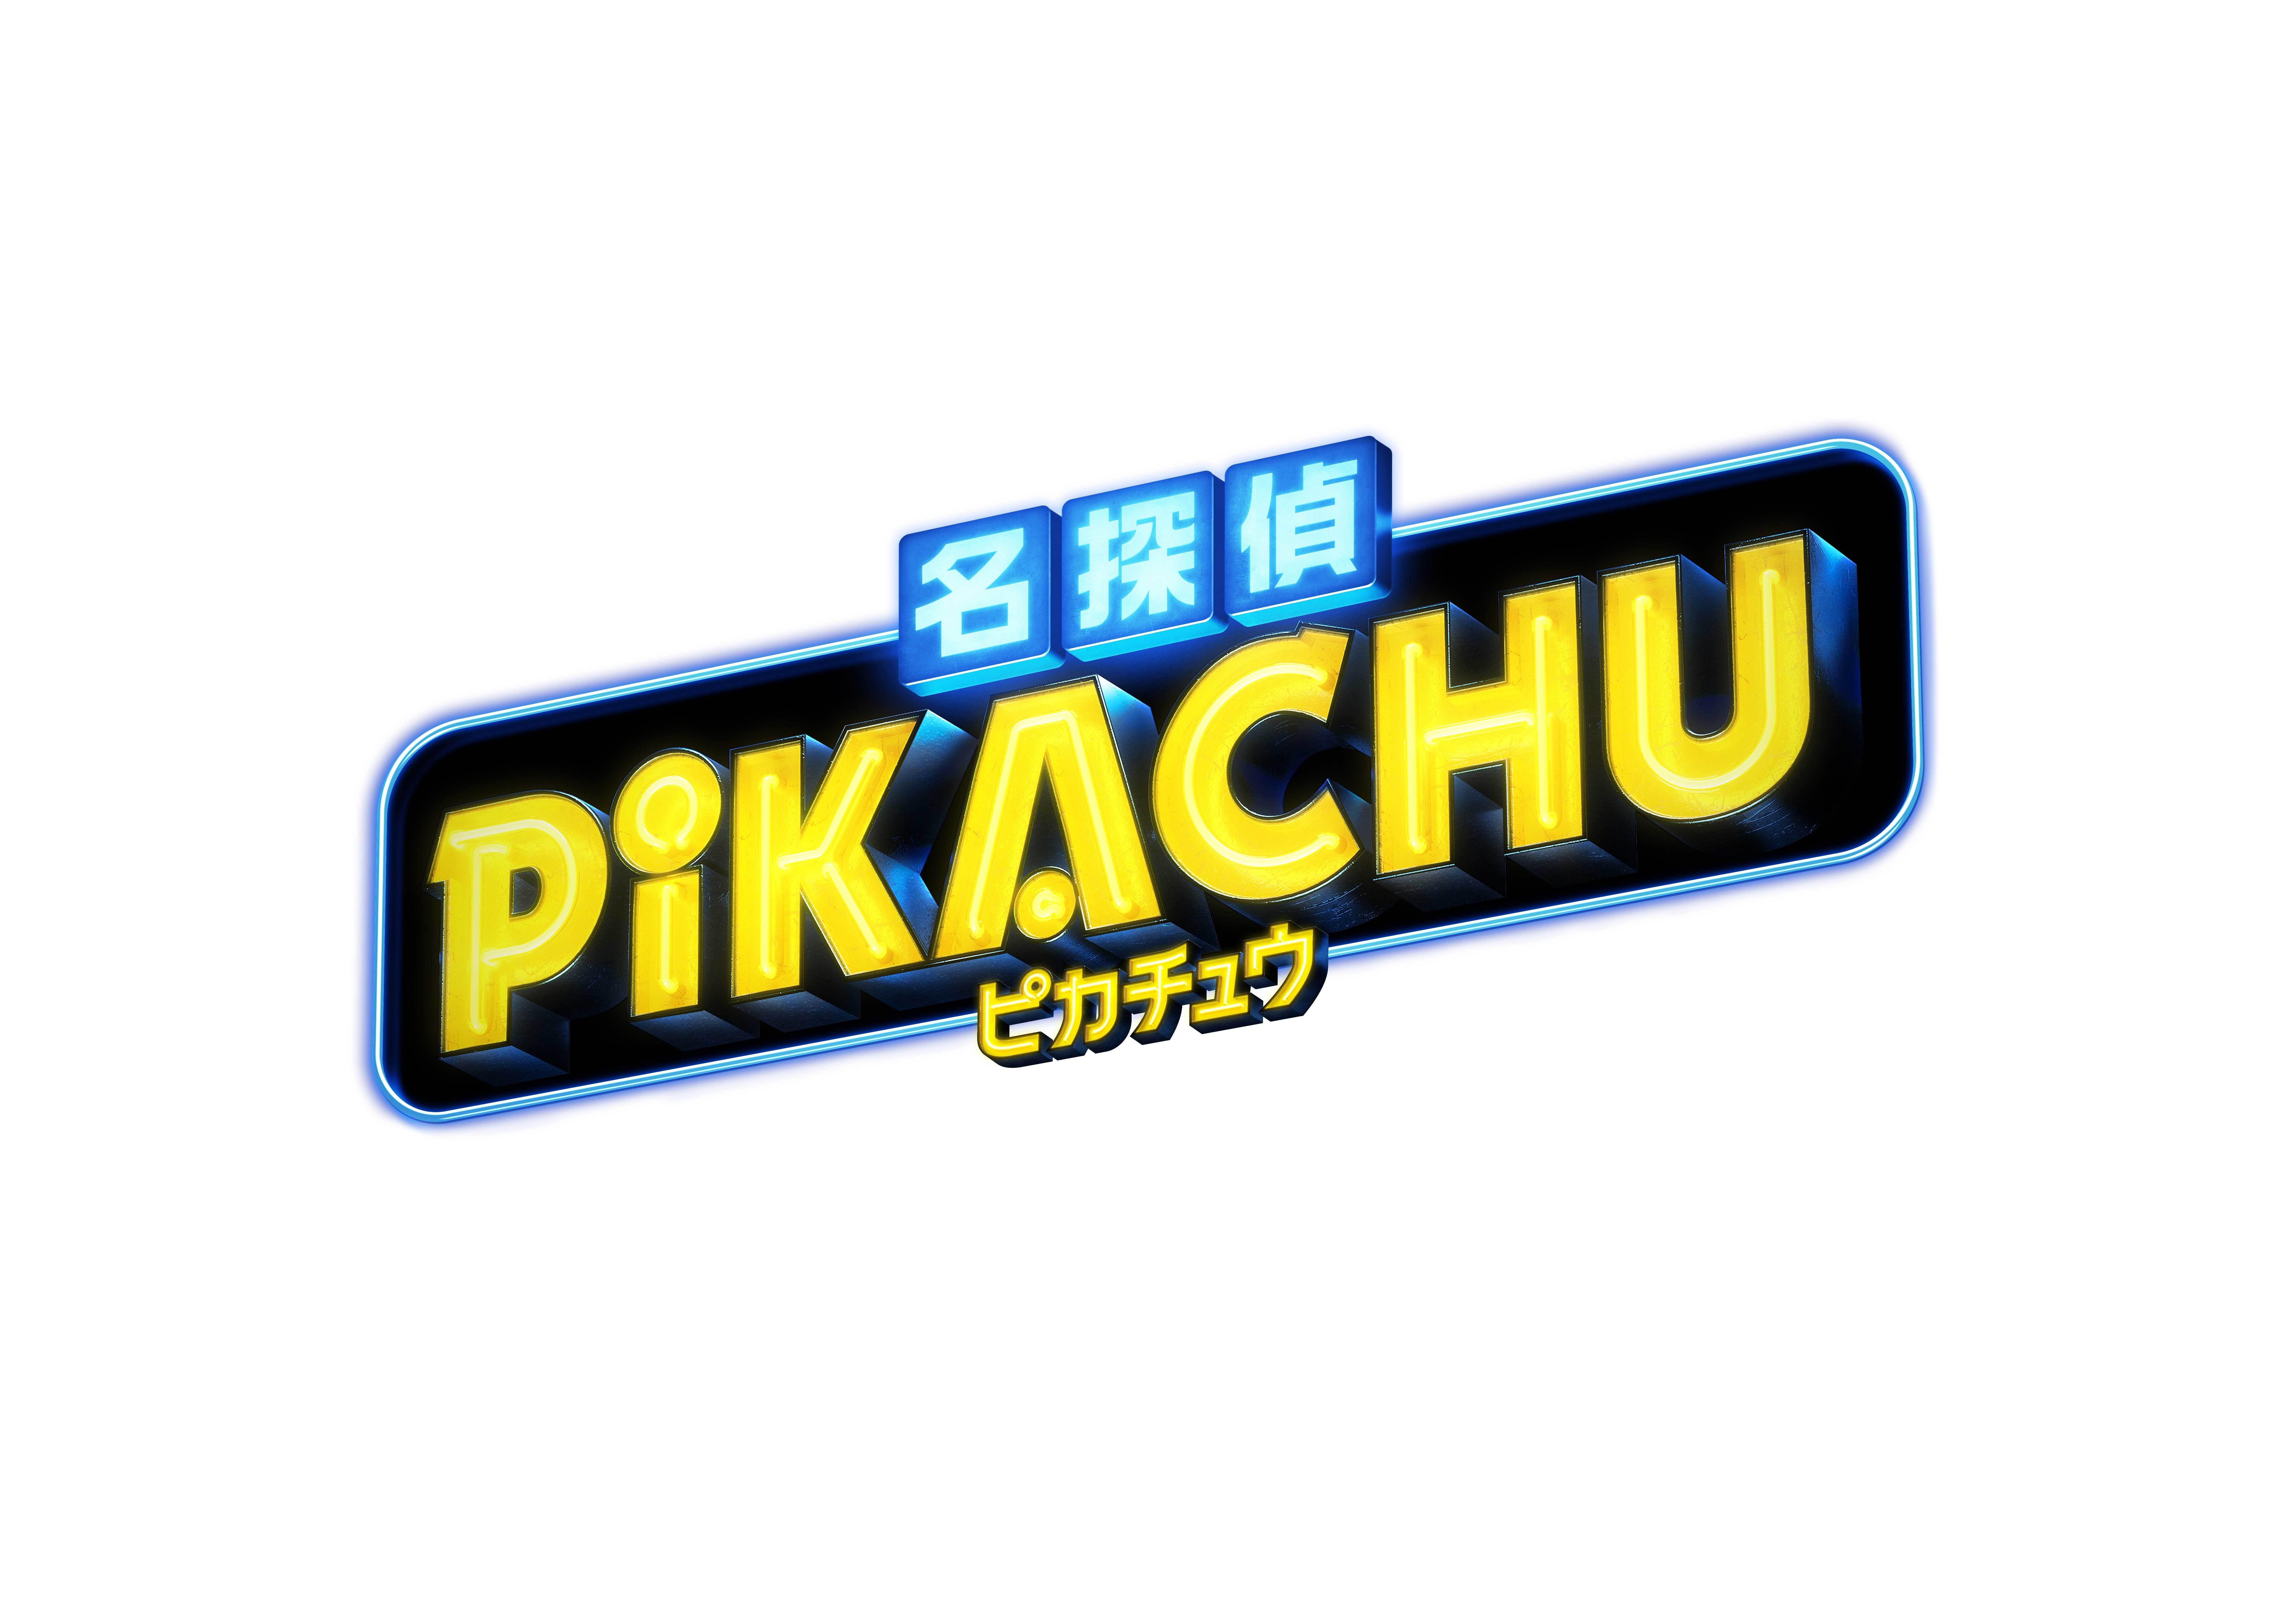 『名探偵ピカチュウ』ロゴ (C)2019 Legendary and Warner Bros. Entertainment Inc. All Rights Reserved.(C)2019 Pokemon.